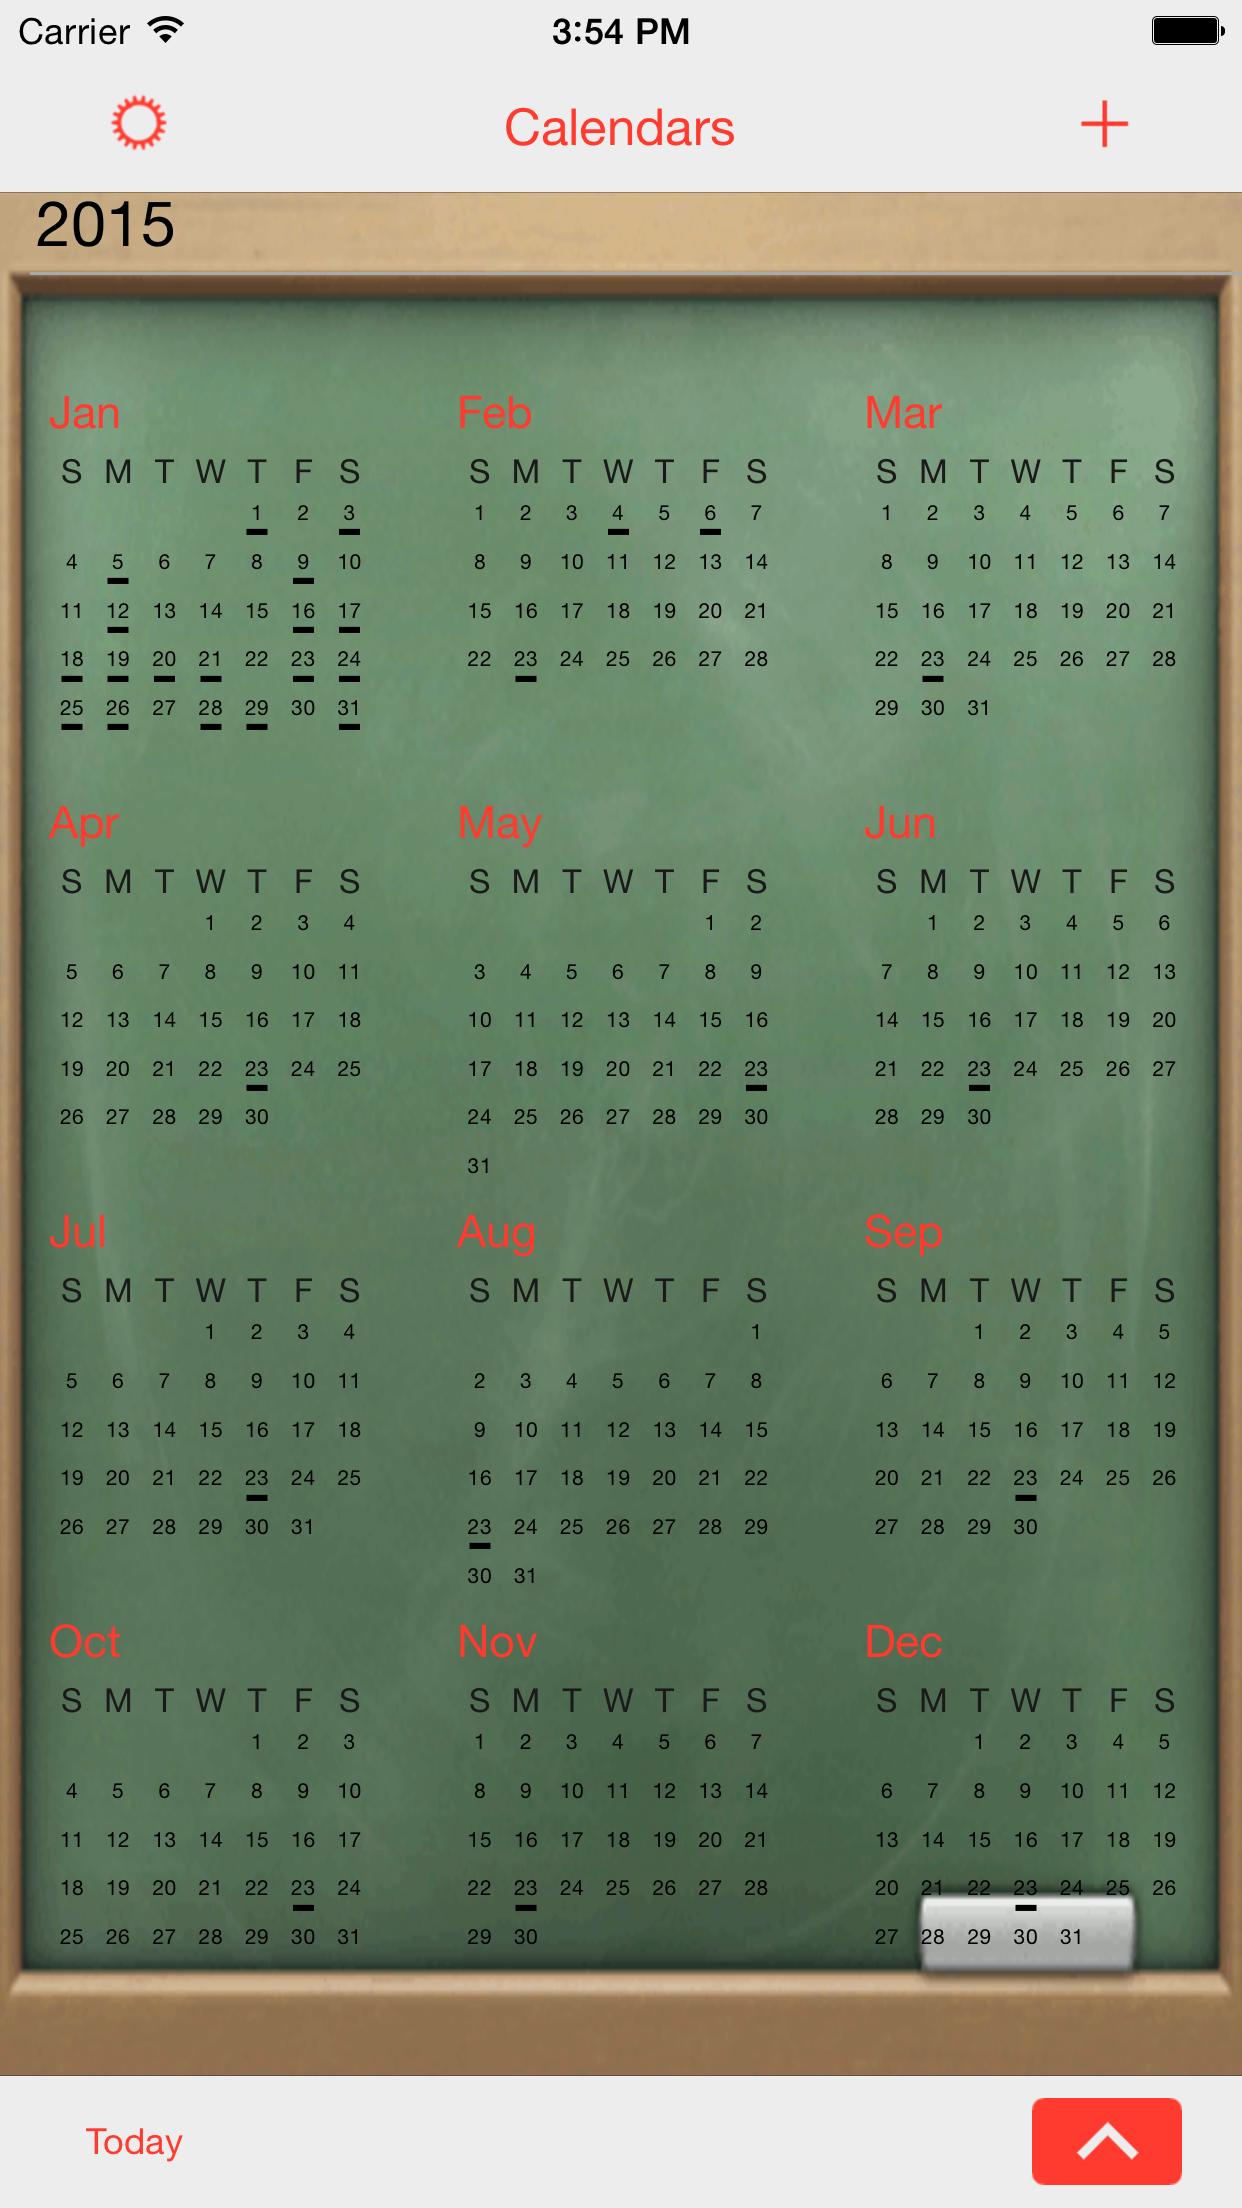 iOS Simulator Screen Shot 14 Sep 2014 15.54.42.png